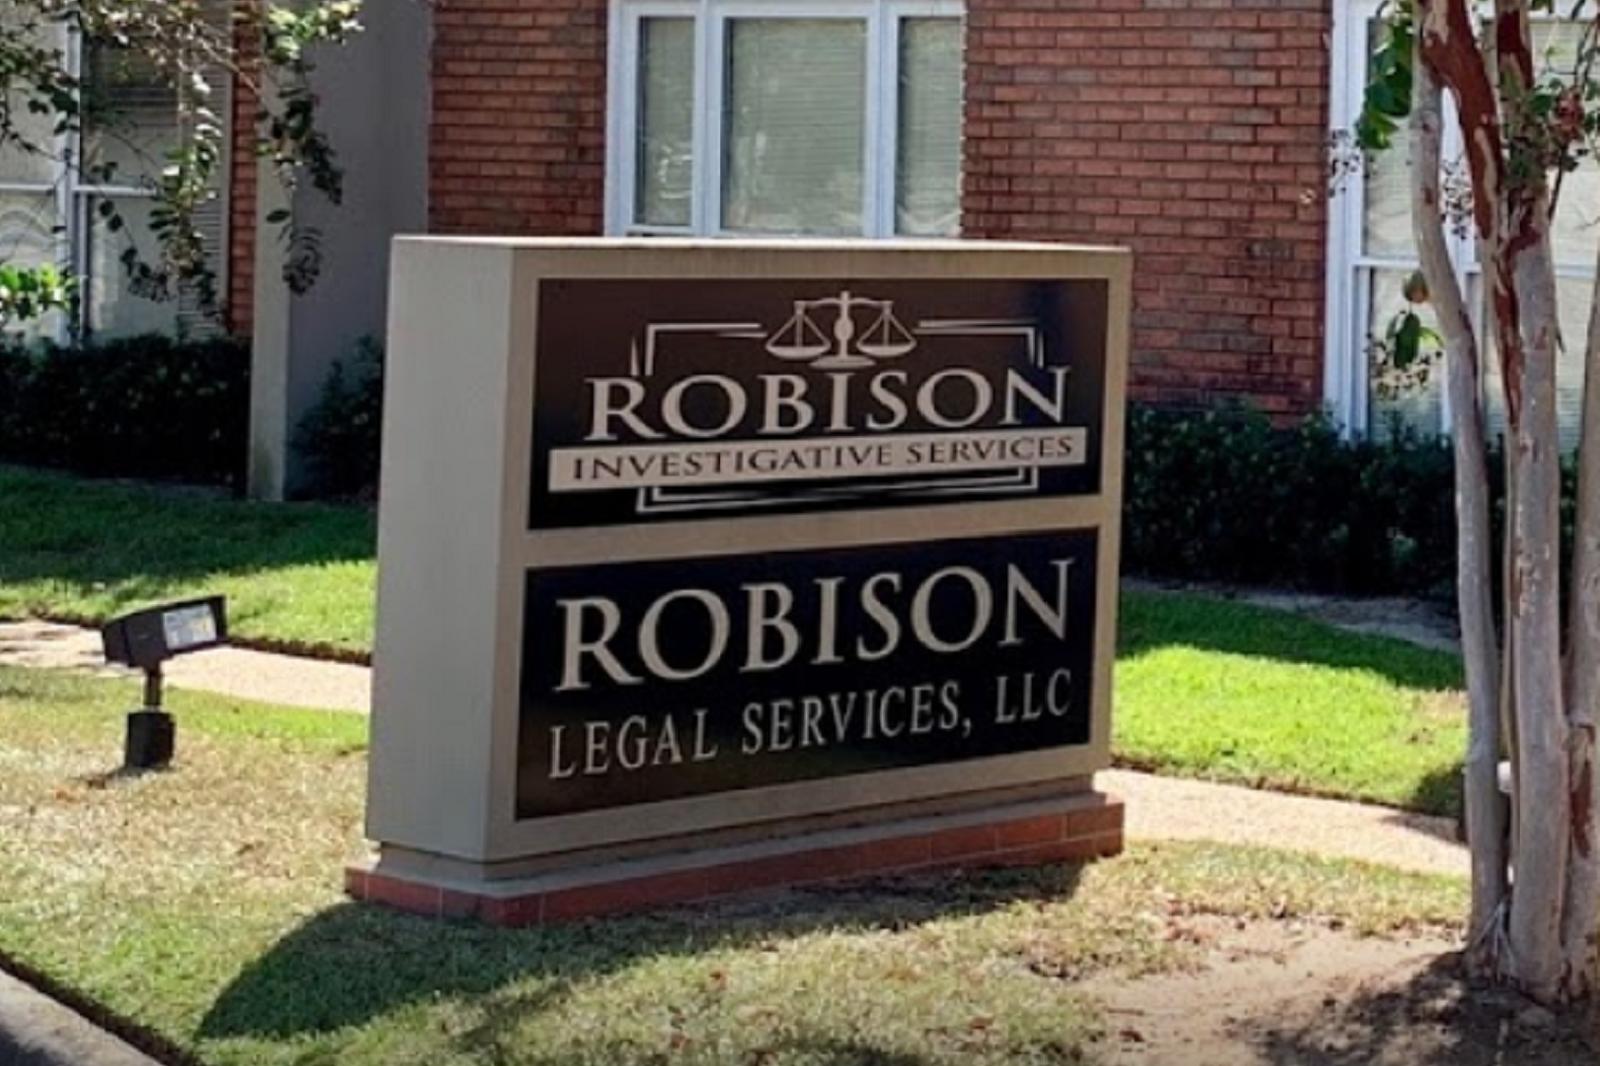 Robison Legal Services, LLC